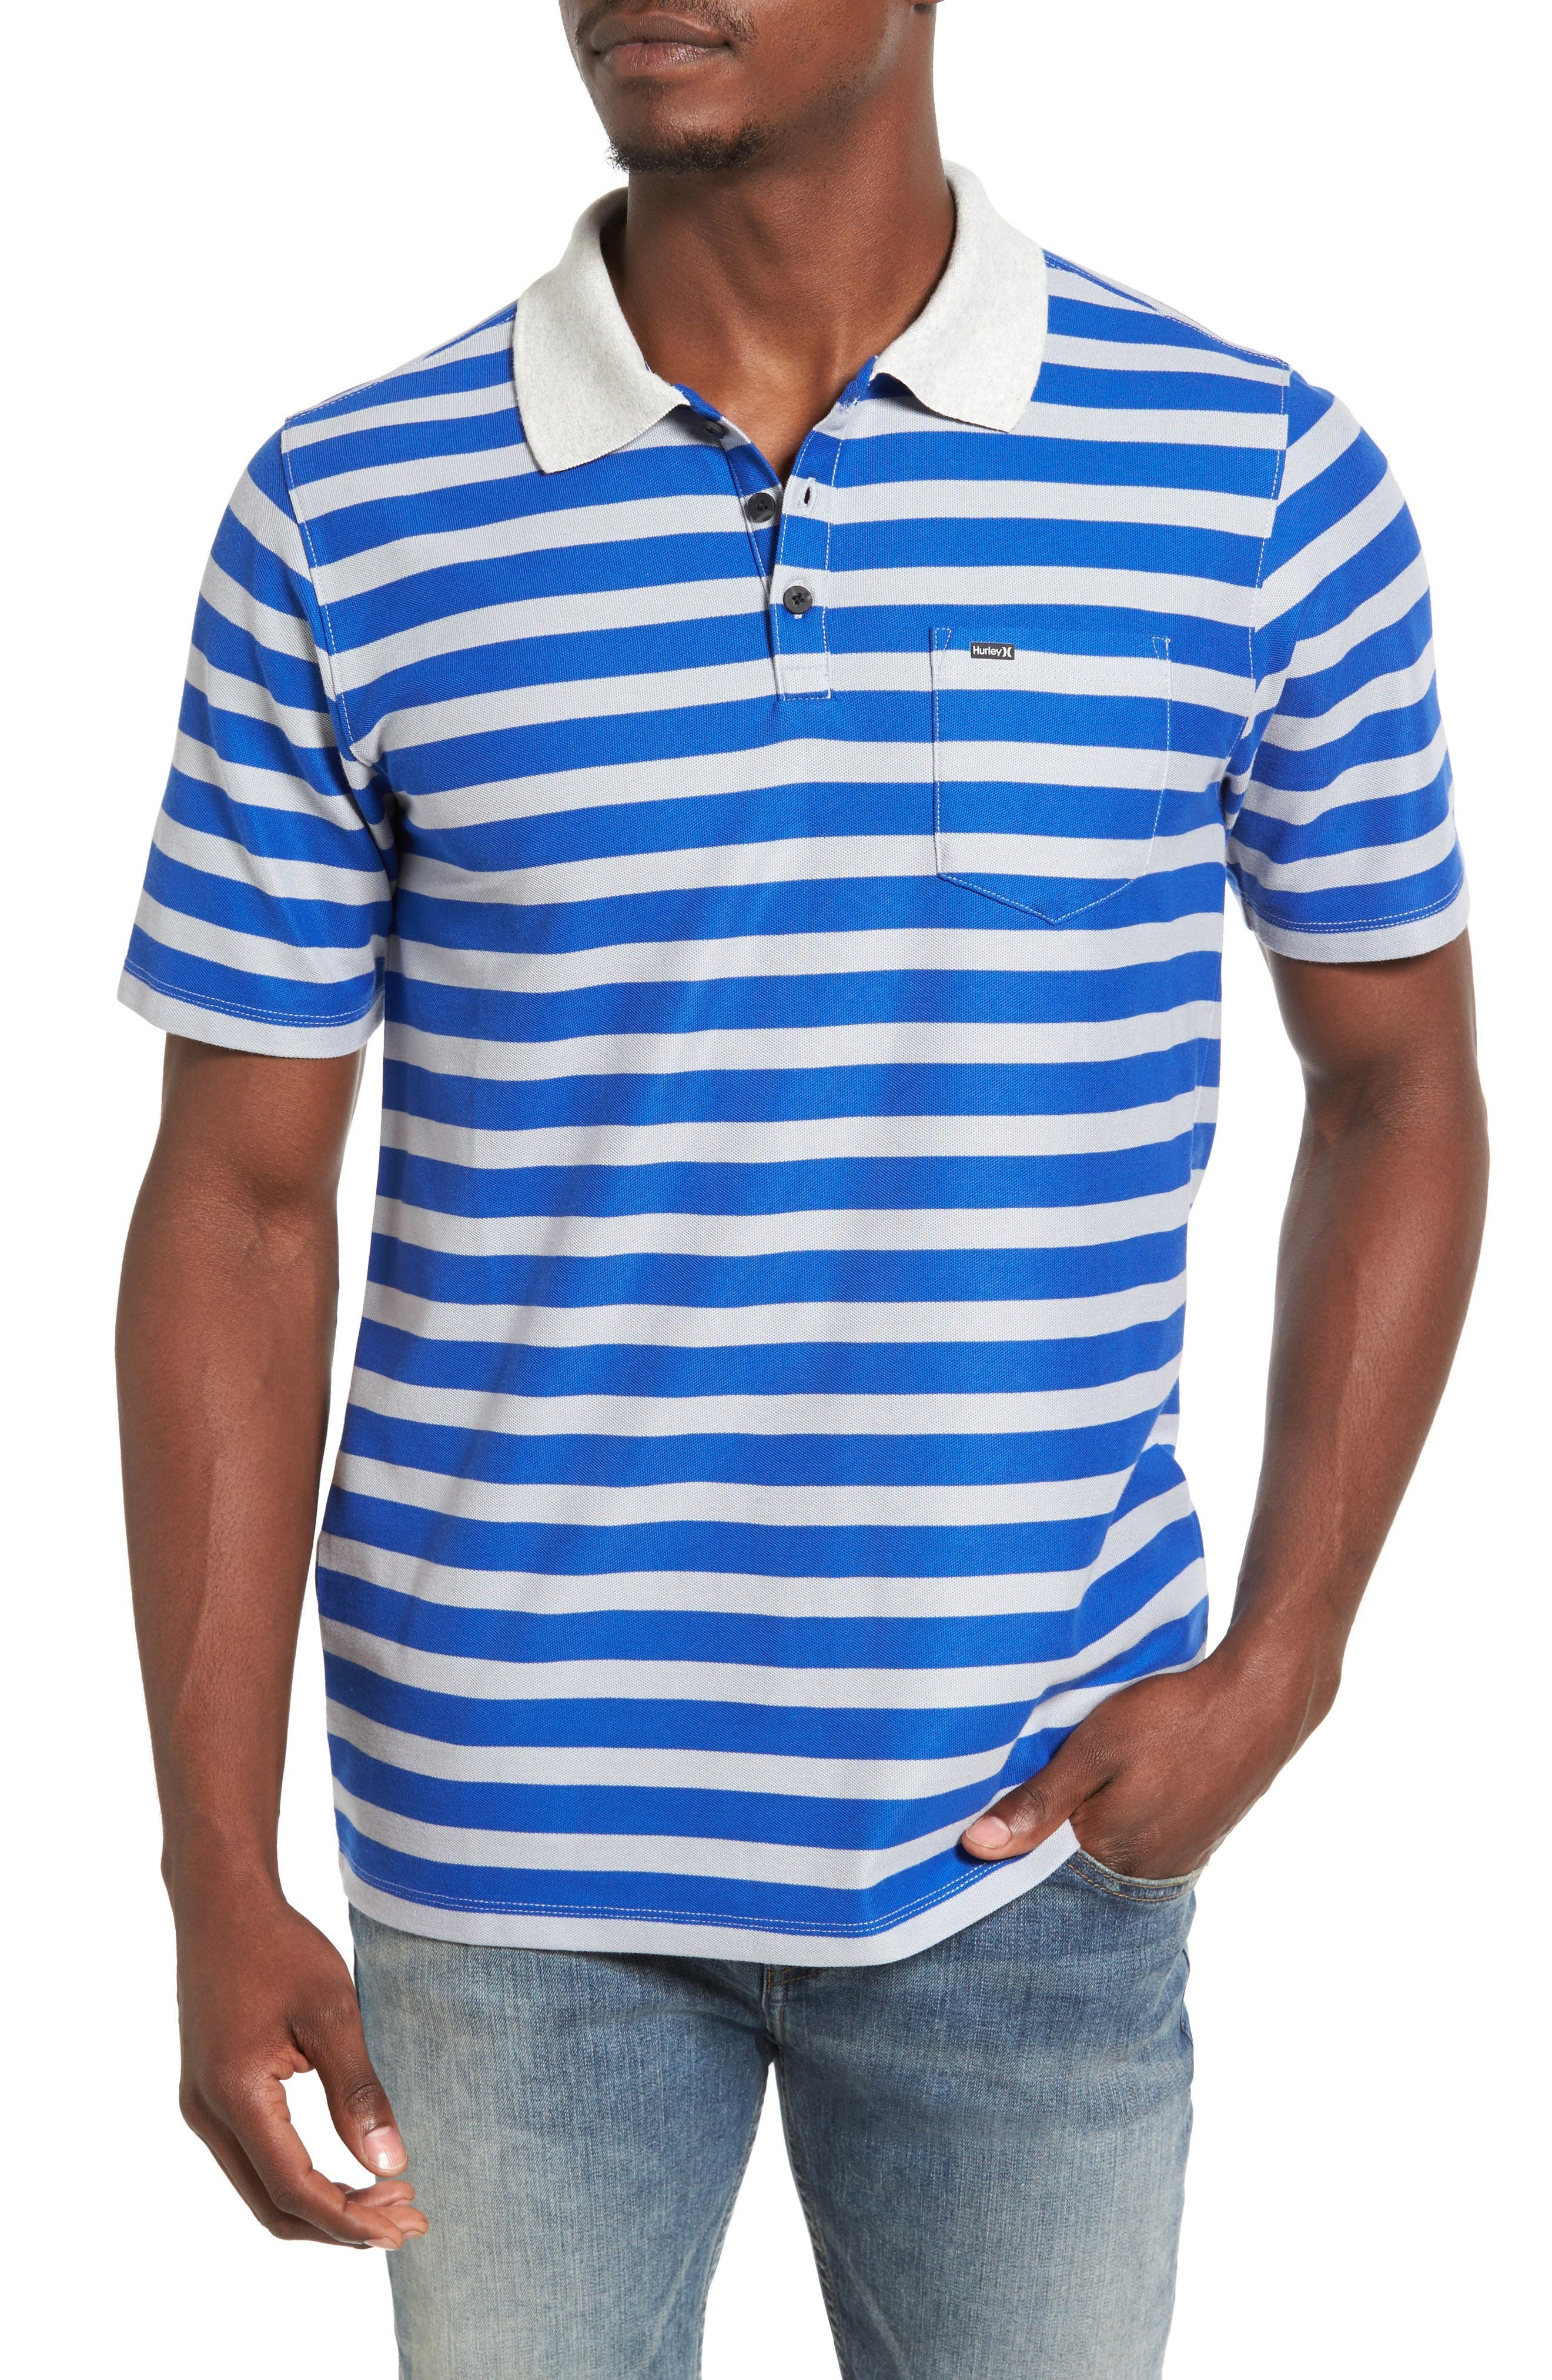 Hurley Lido Stripe Dri-FIT Polo